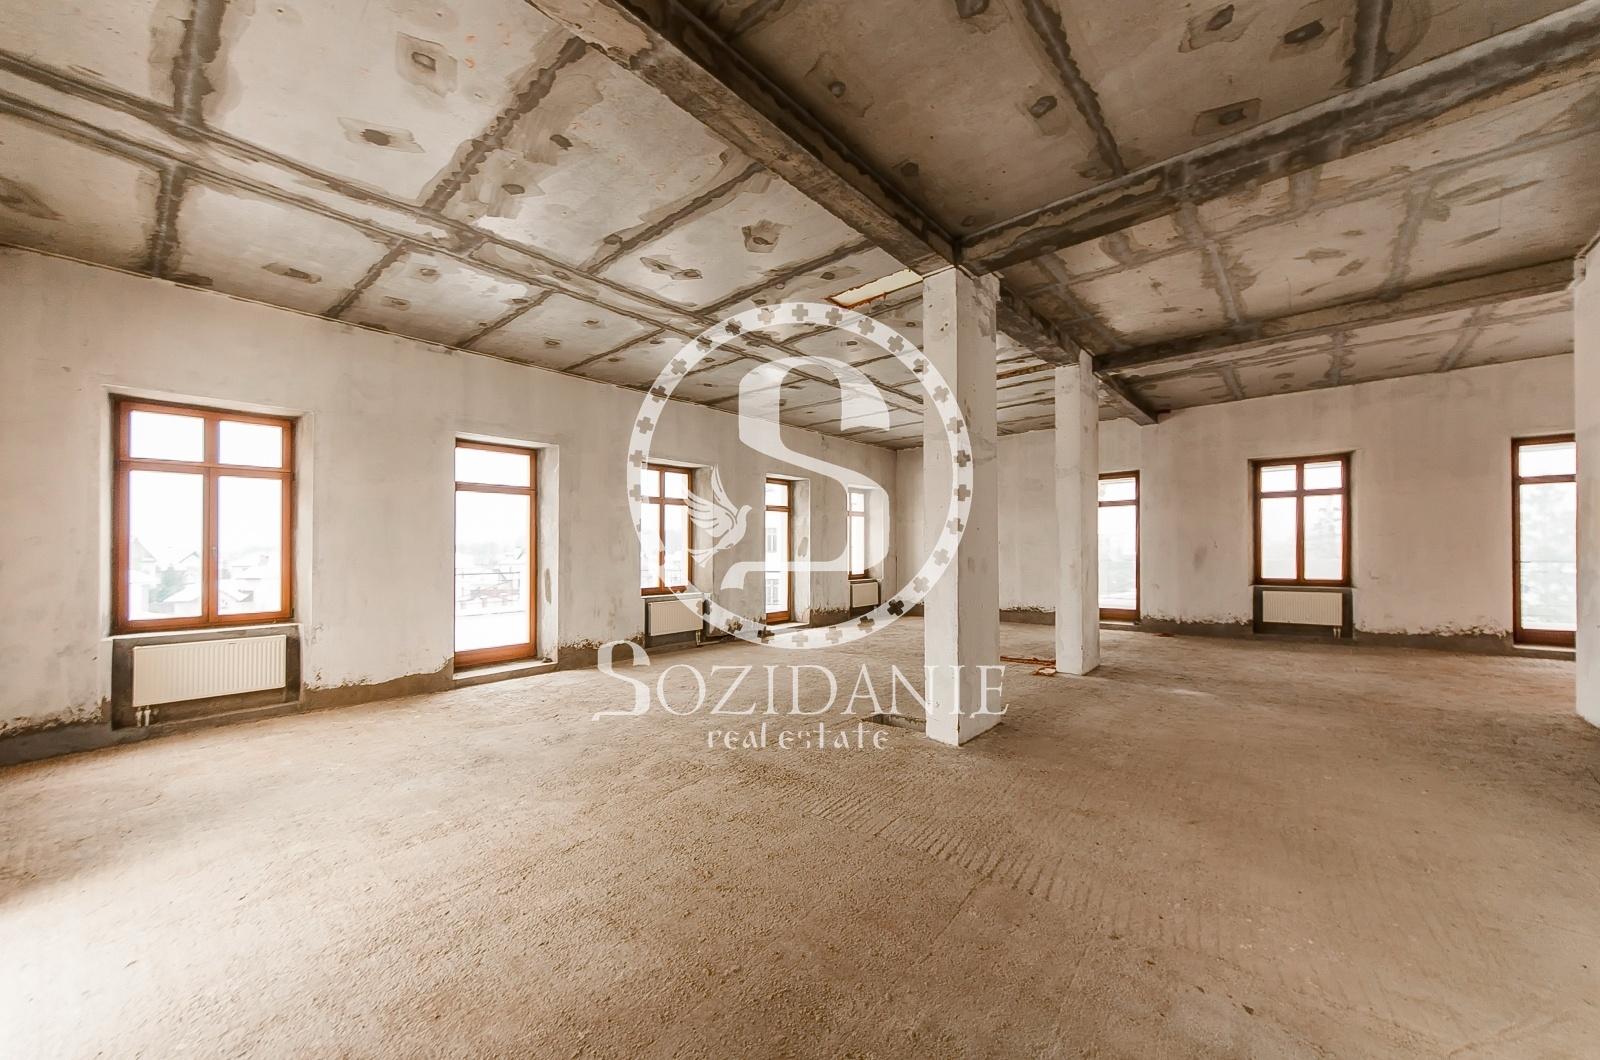 4 Bedrooms, Загородная, Продажа, Listing ID 1079, Московская область, Россия,